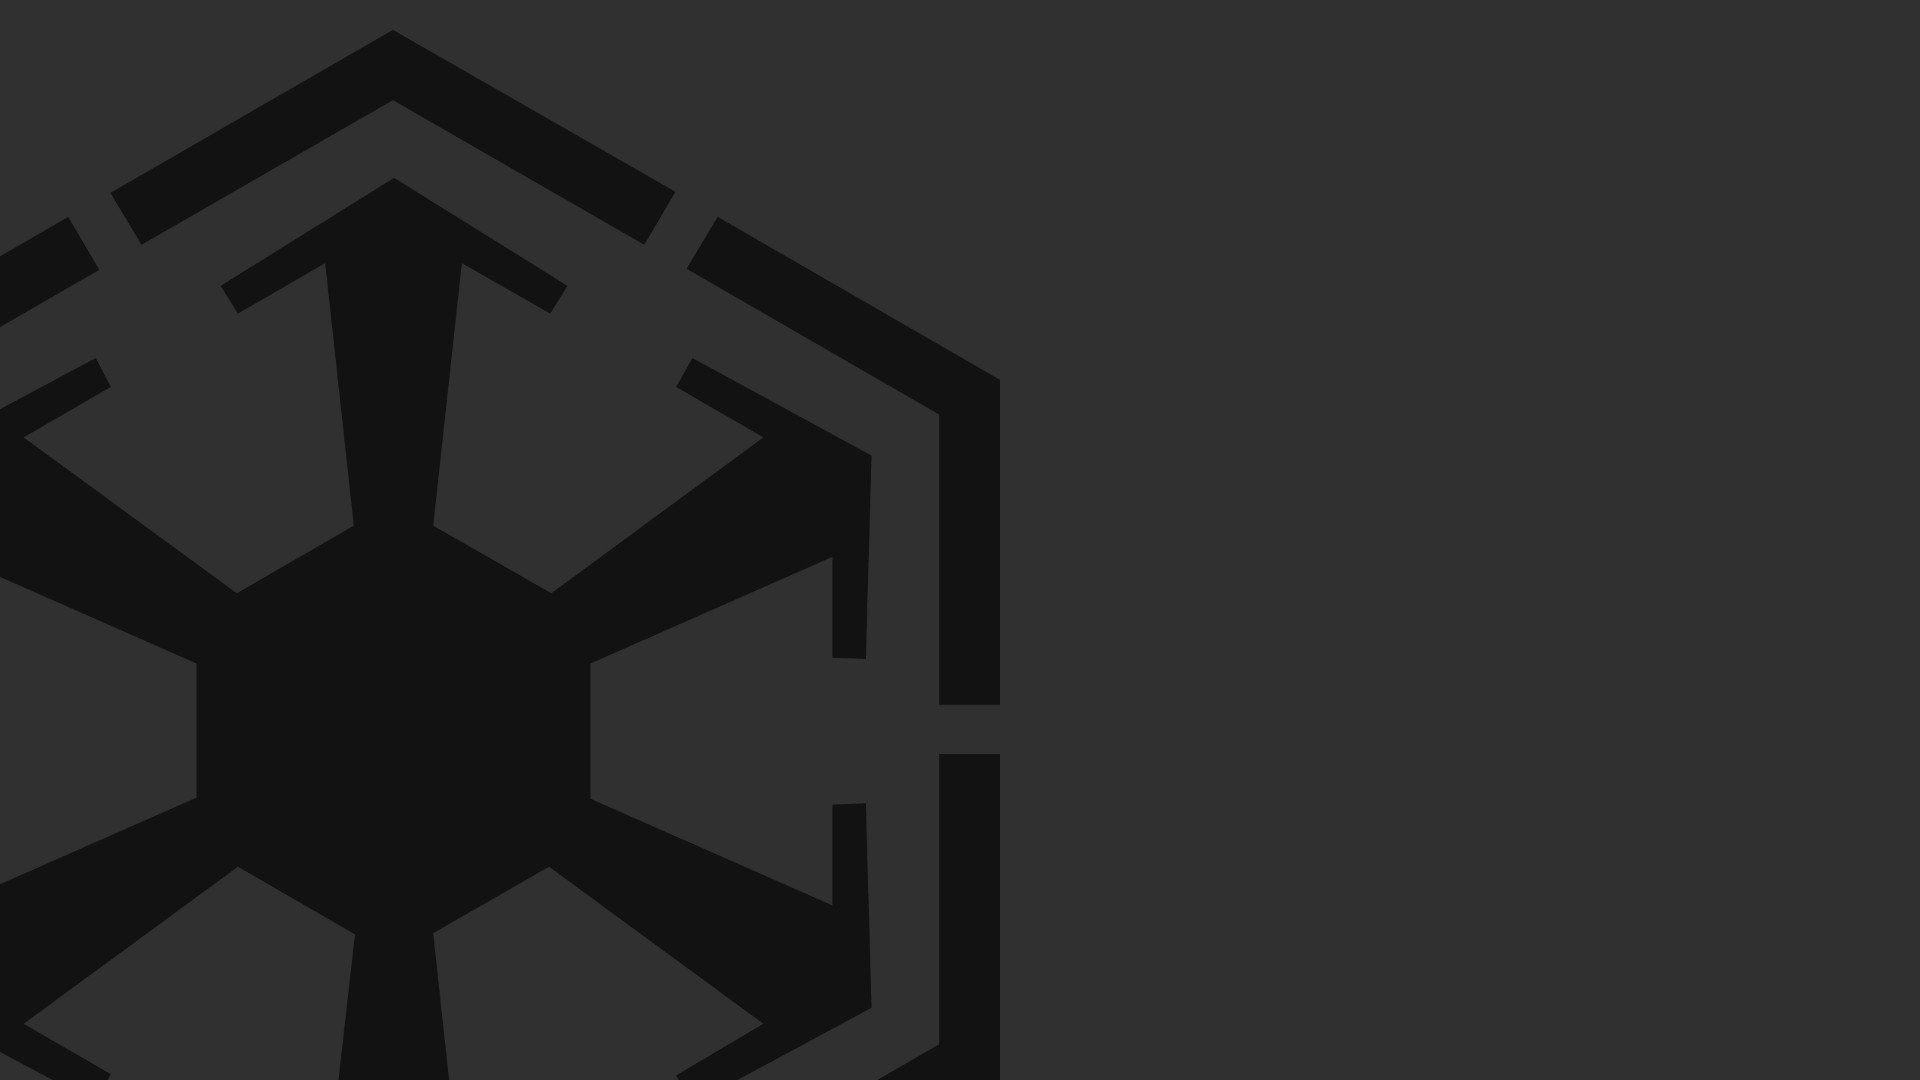 Sith – Star Wars HD Wallpaper 1920×1080